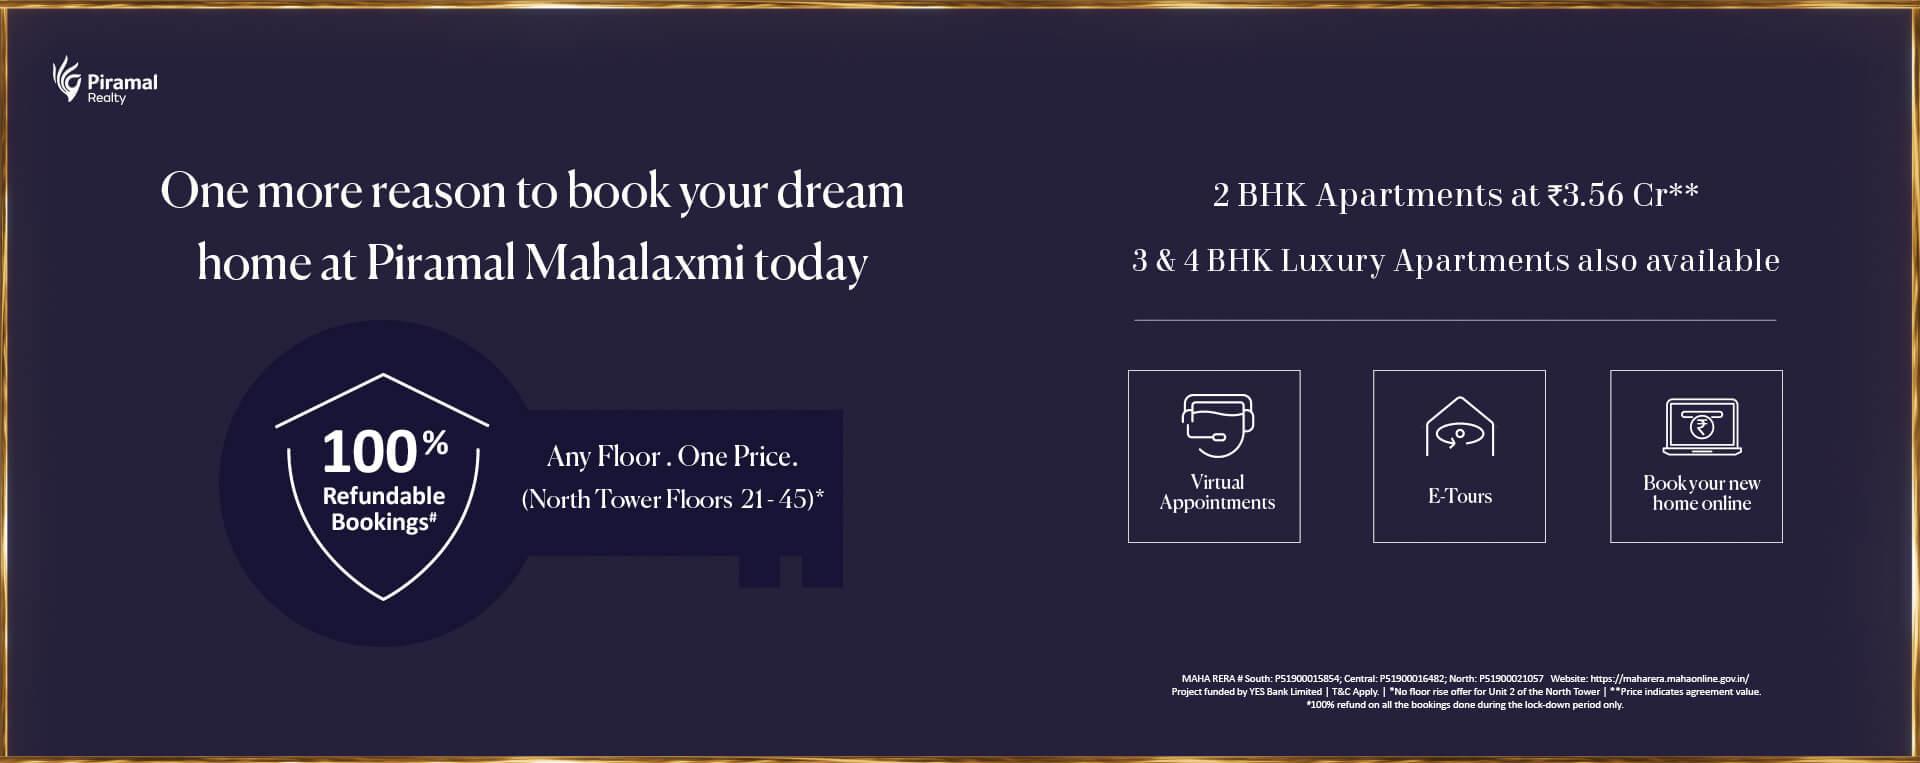 mahalaxi offer